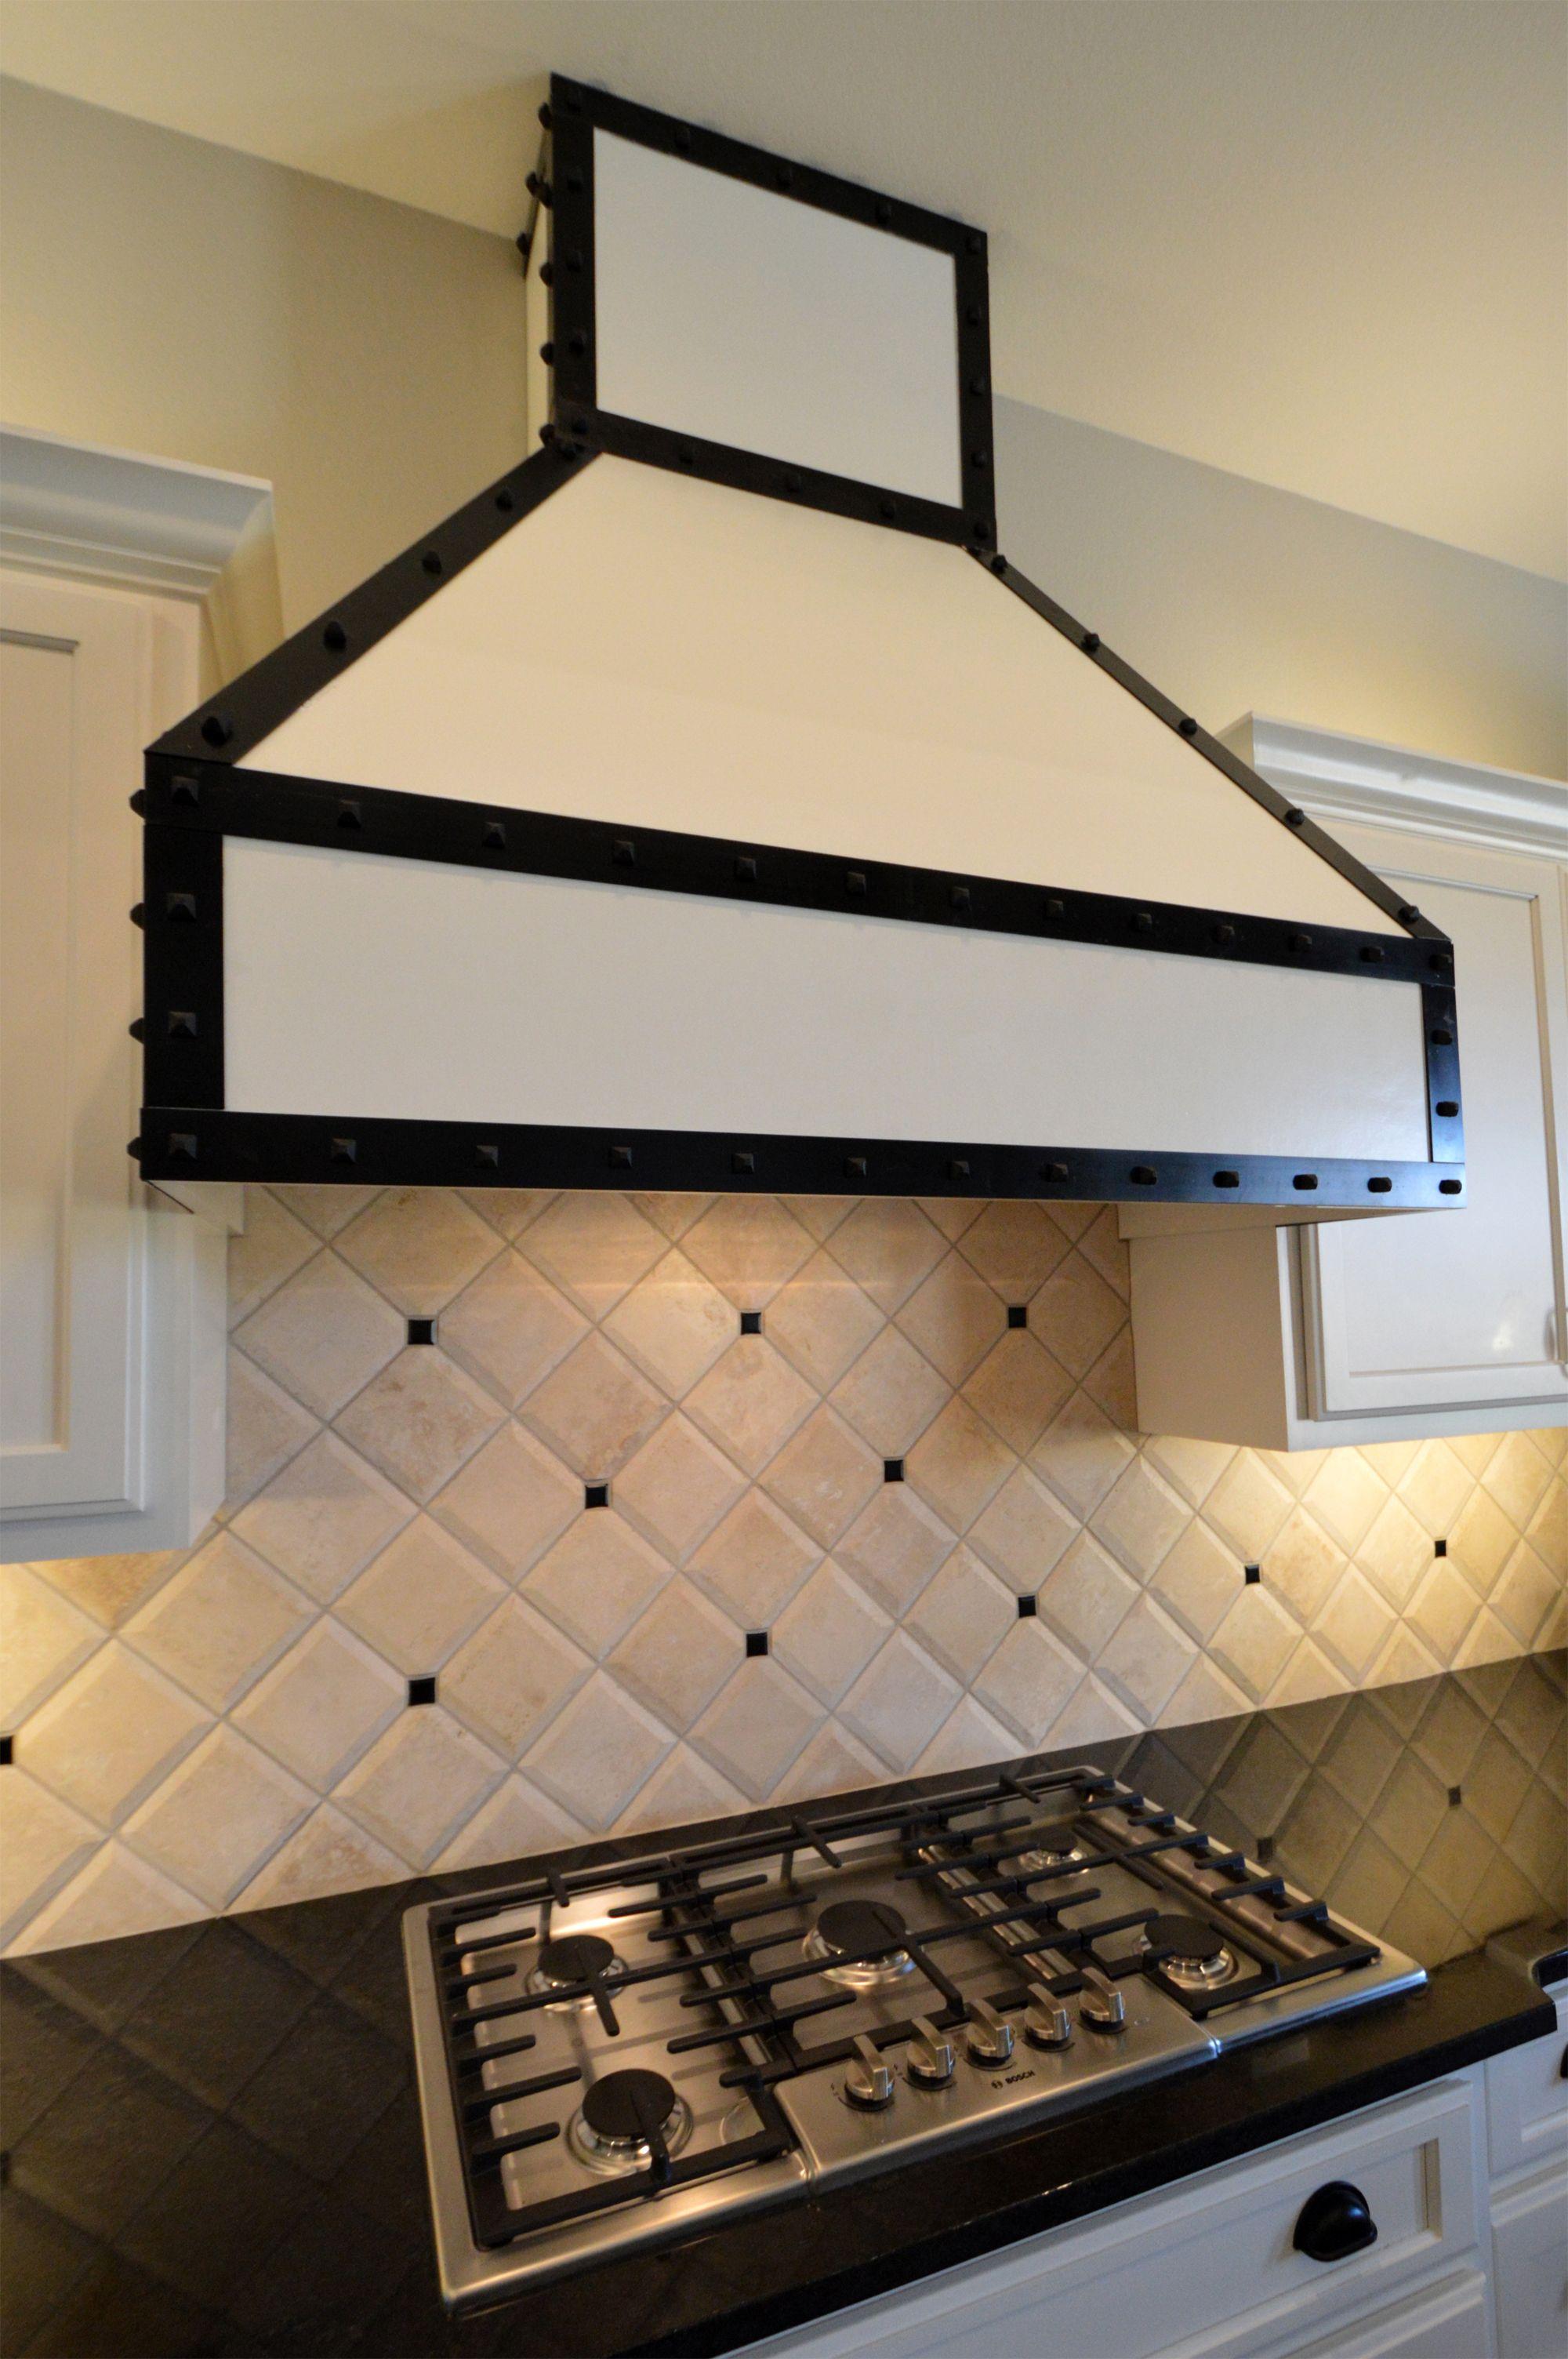 - Beveled Travertine Diagonal Backsplash, Metal Tile Inserts, Metal